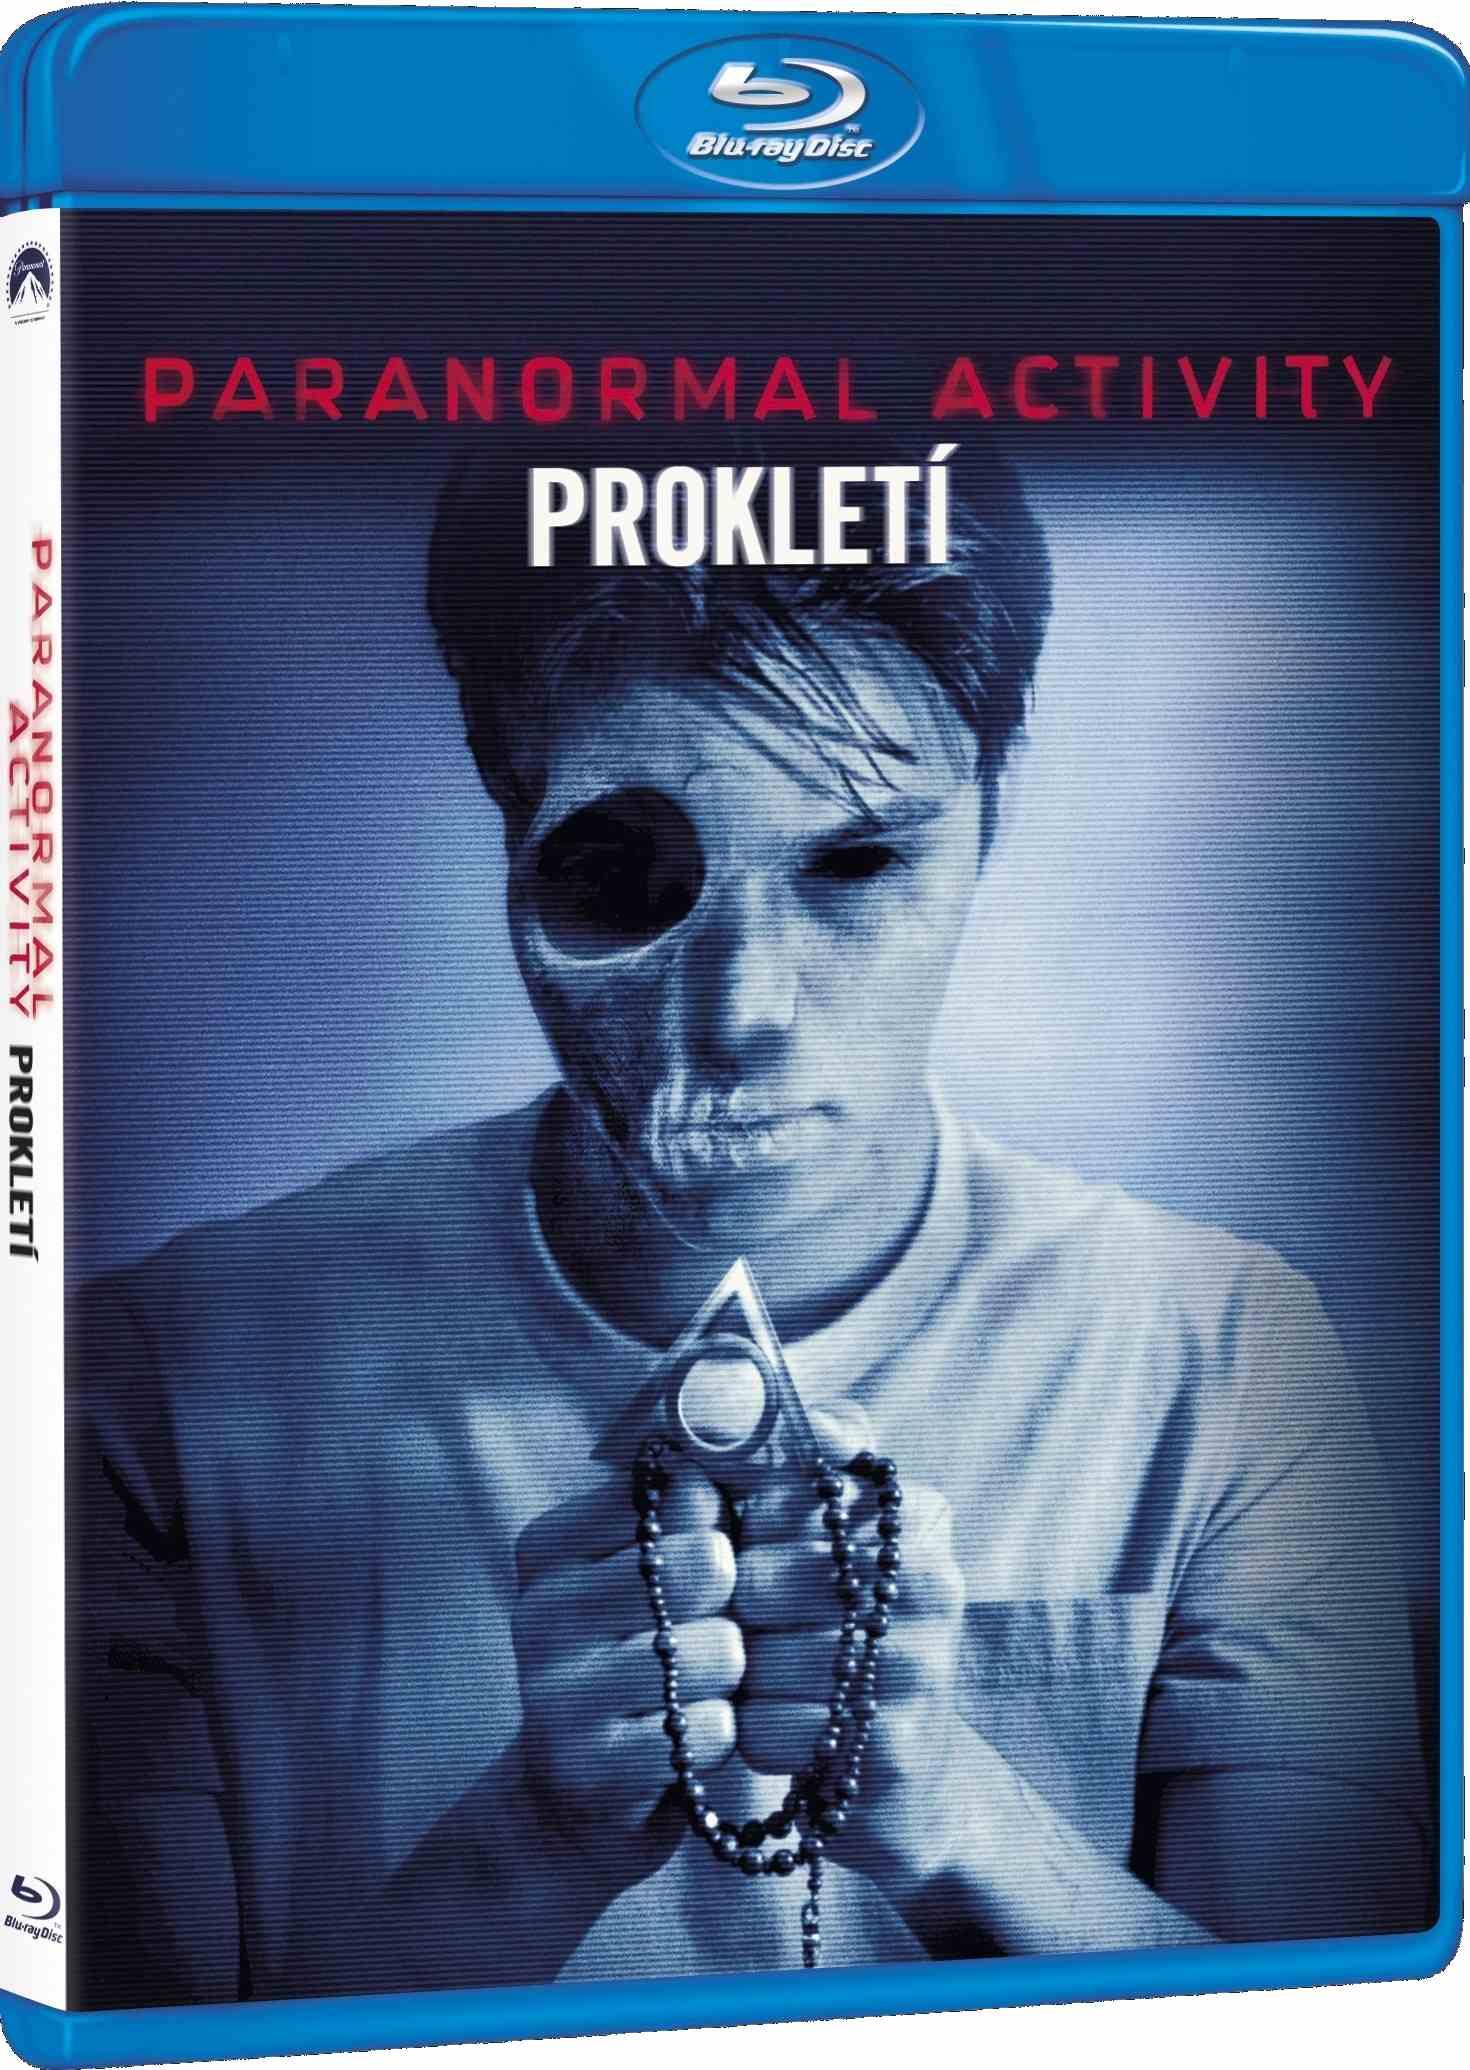 PARANORMAL ACTIVITY: PROKLETÍ - Blu-ray